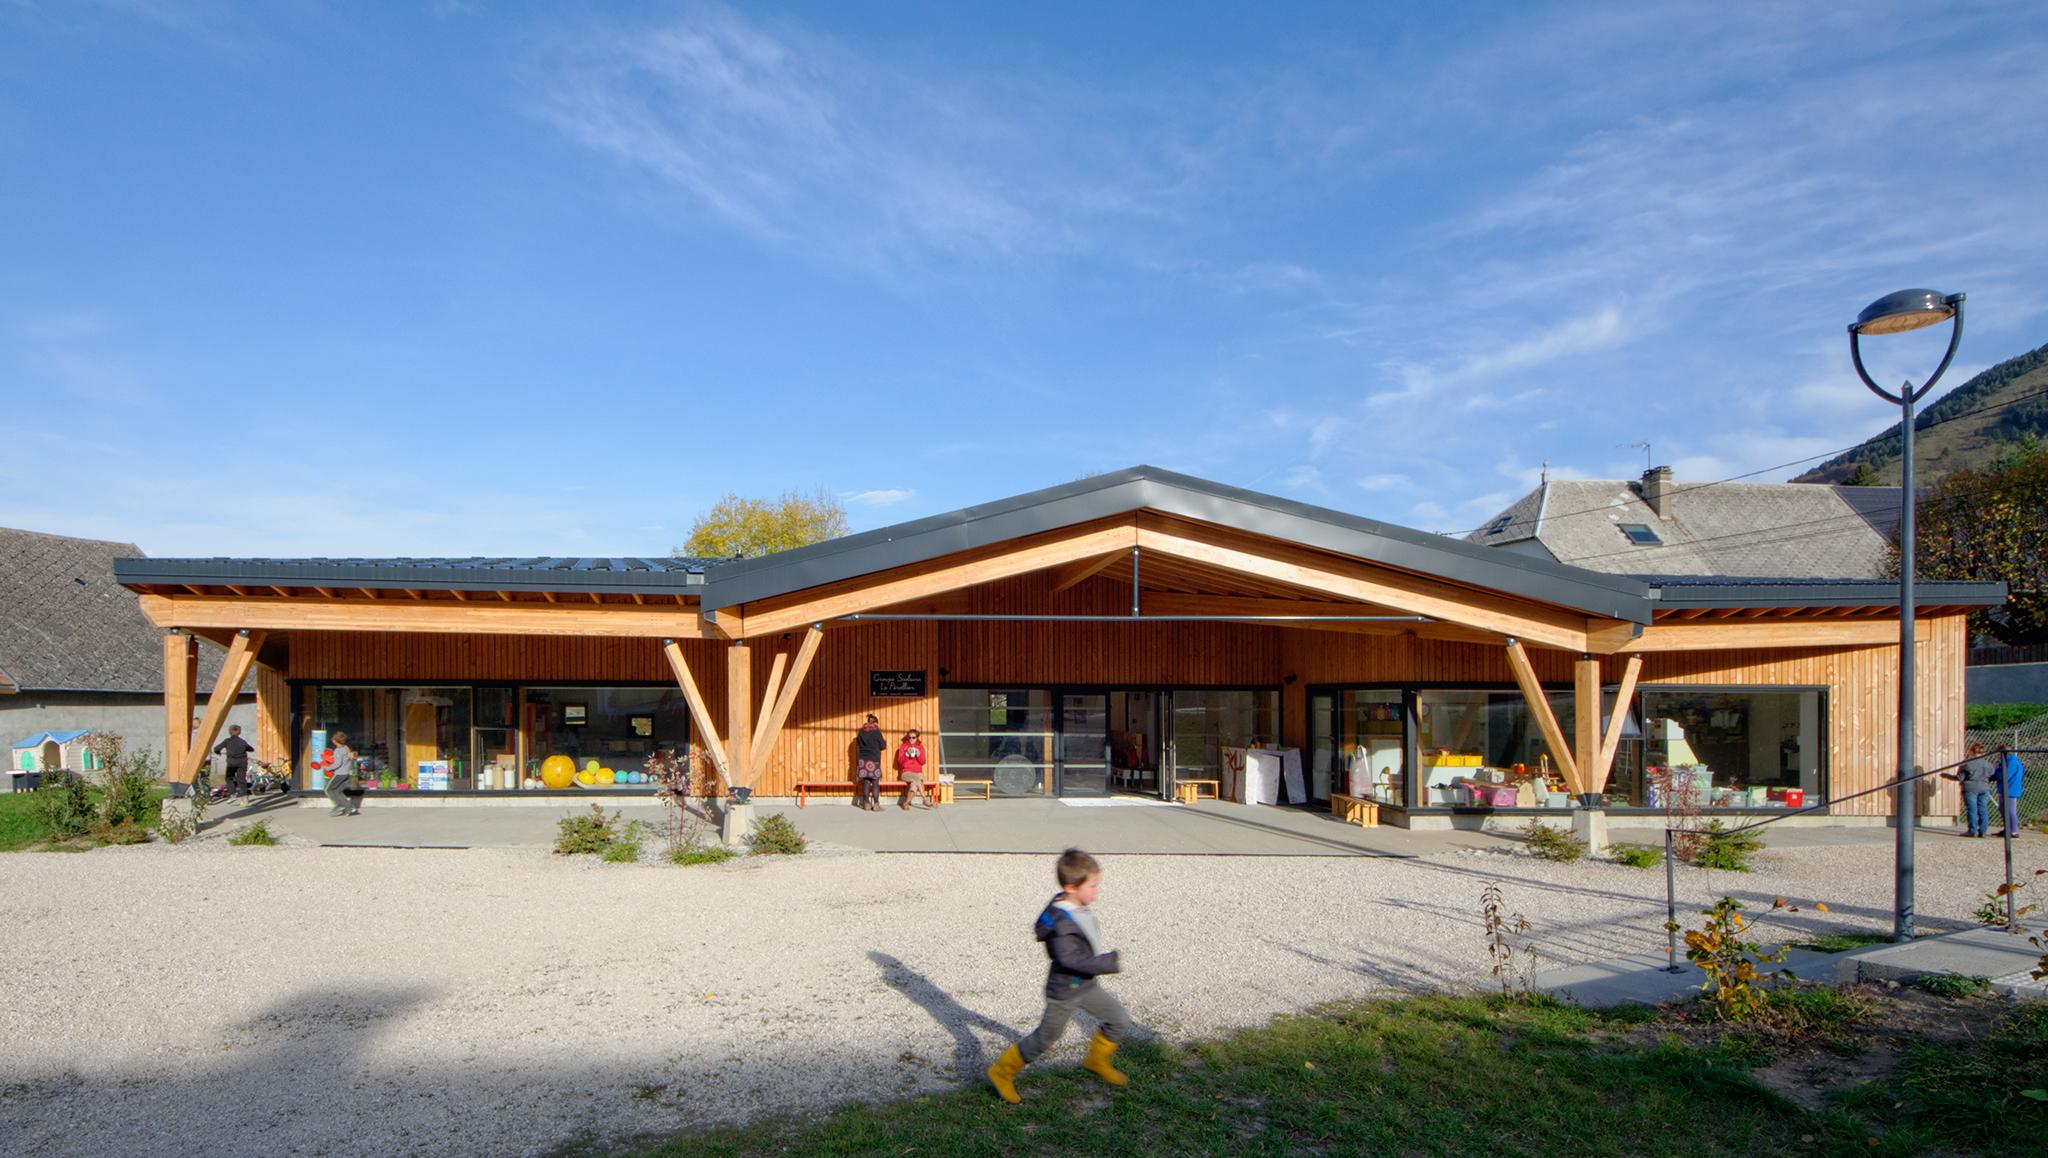 Prix, régional, construction, bois, 2017, Isère